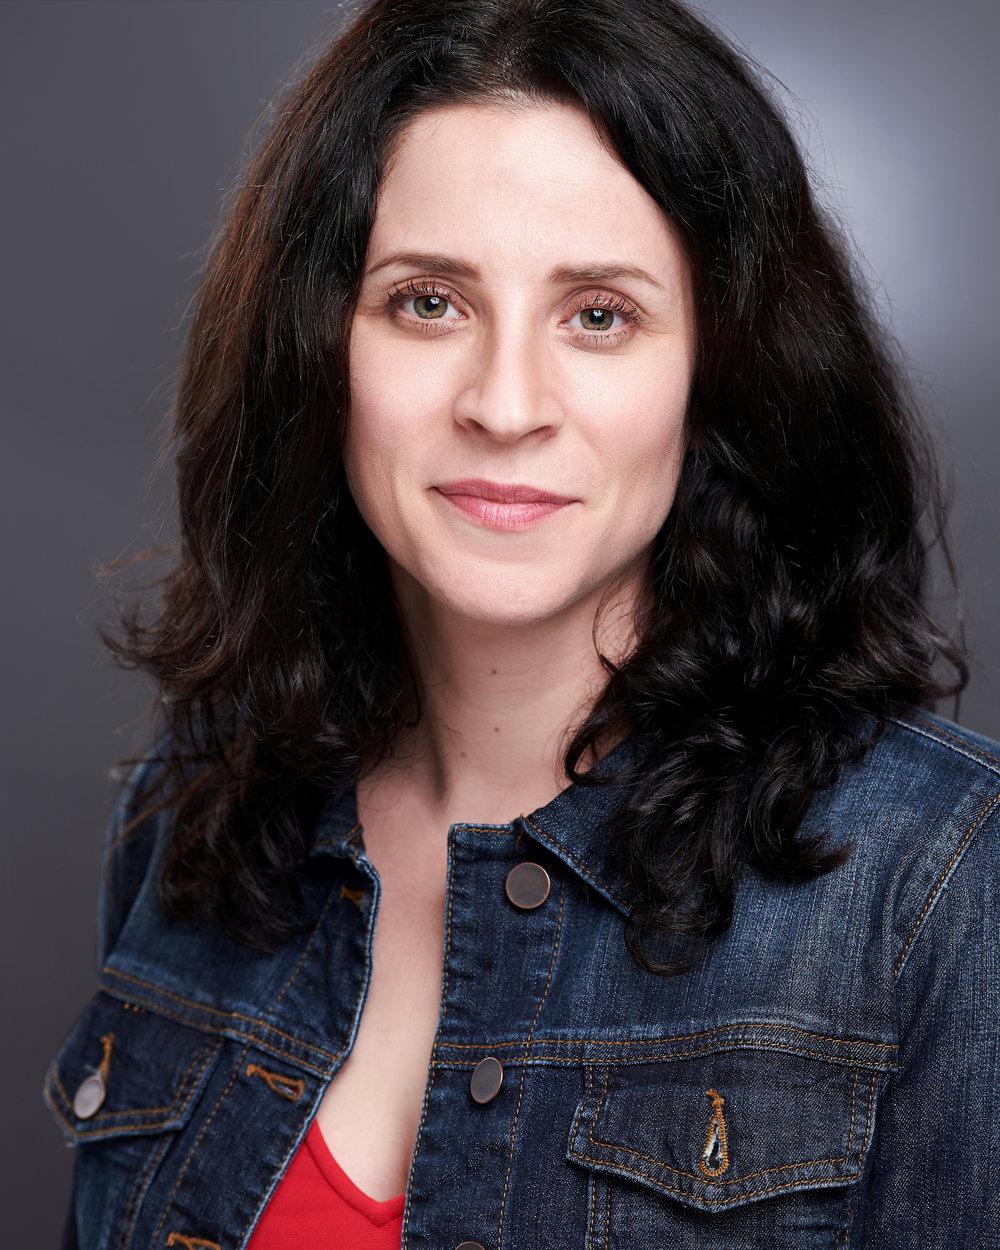 Headshot - Melanie Hahn - 0383.jpg